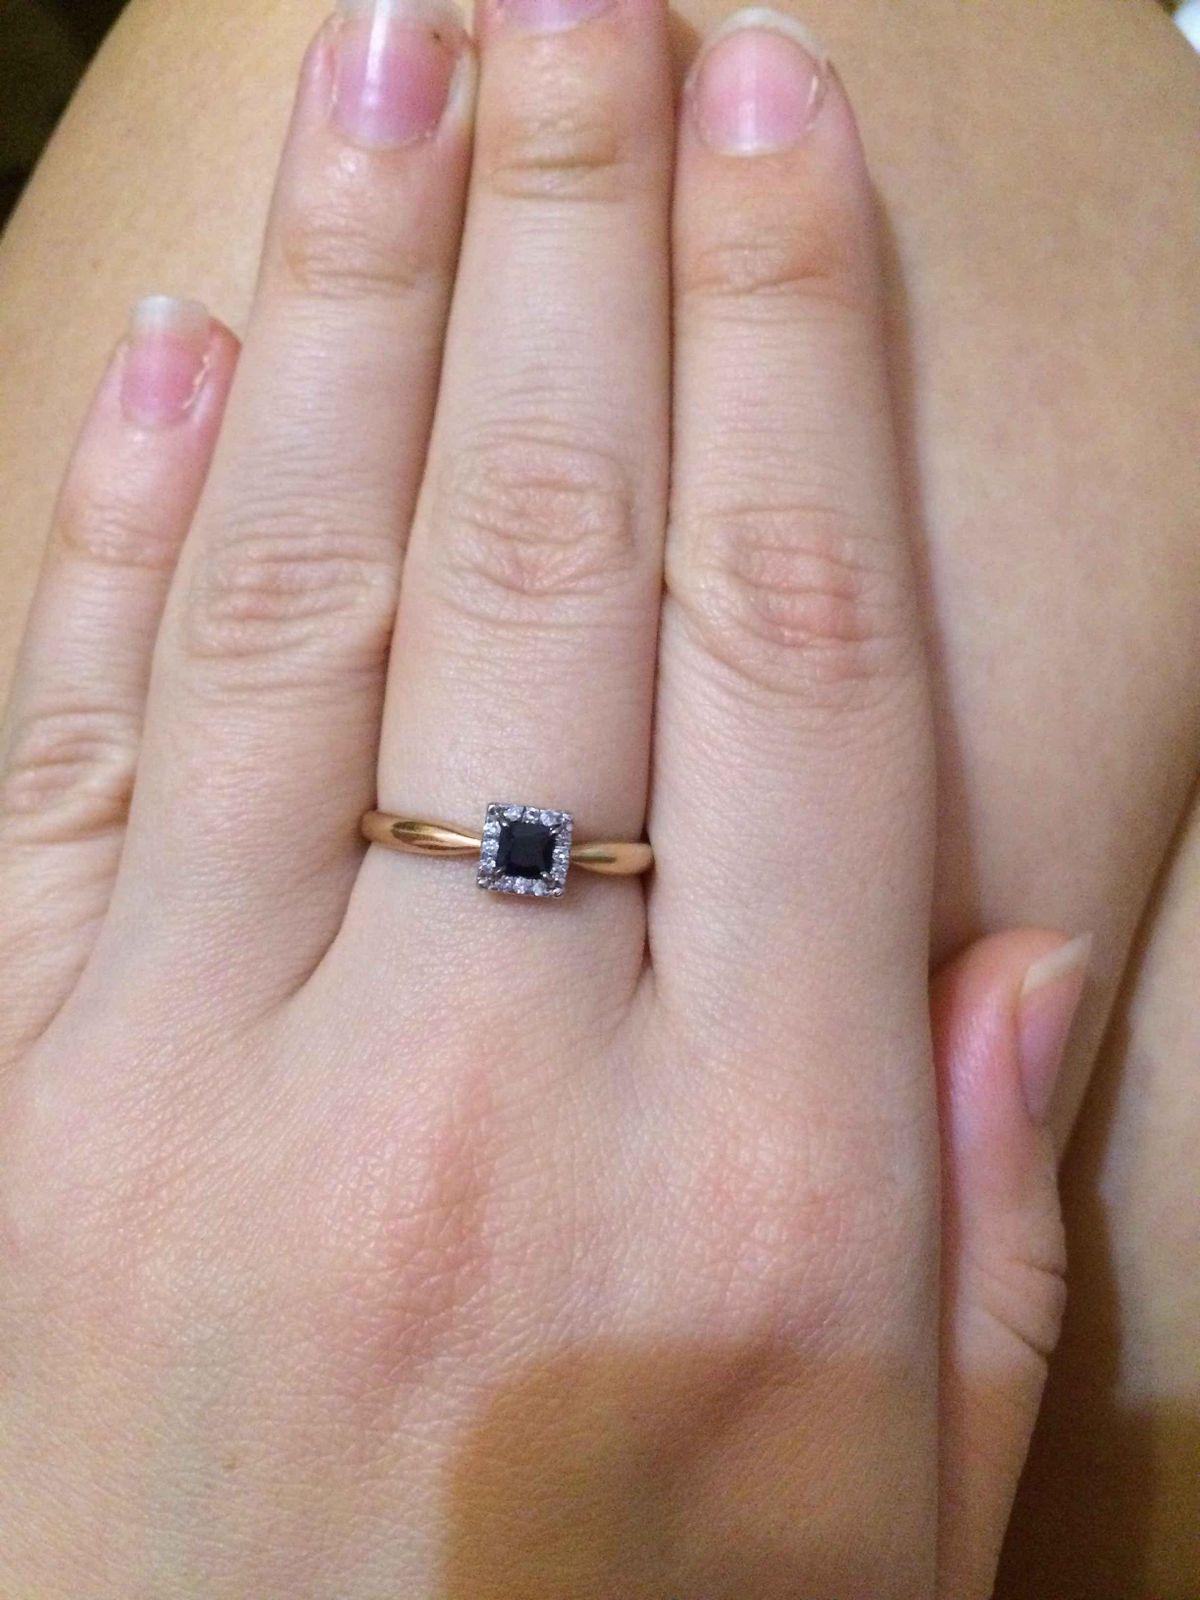 Очень красивое колечко с сапфиром и бриллиантами